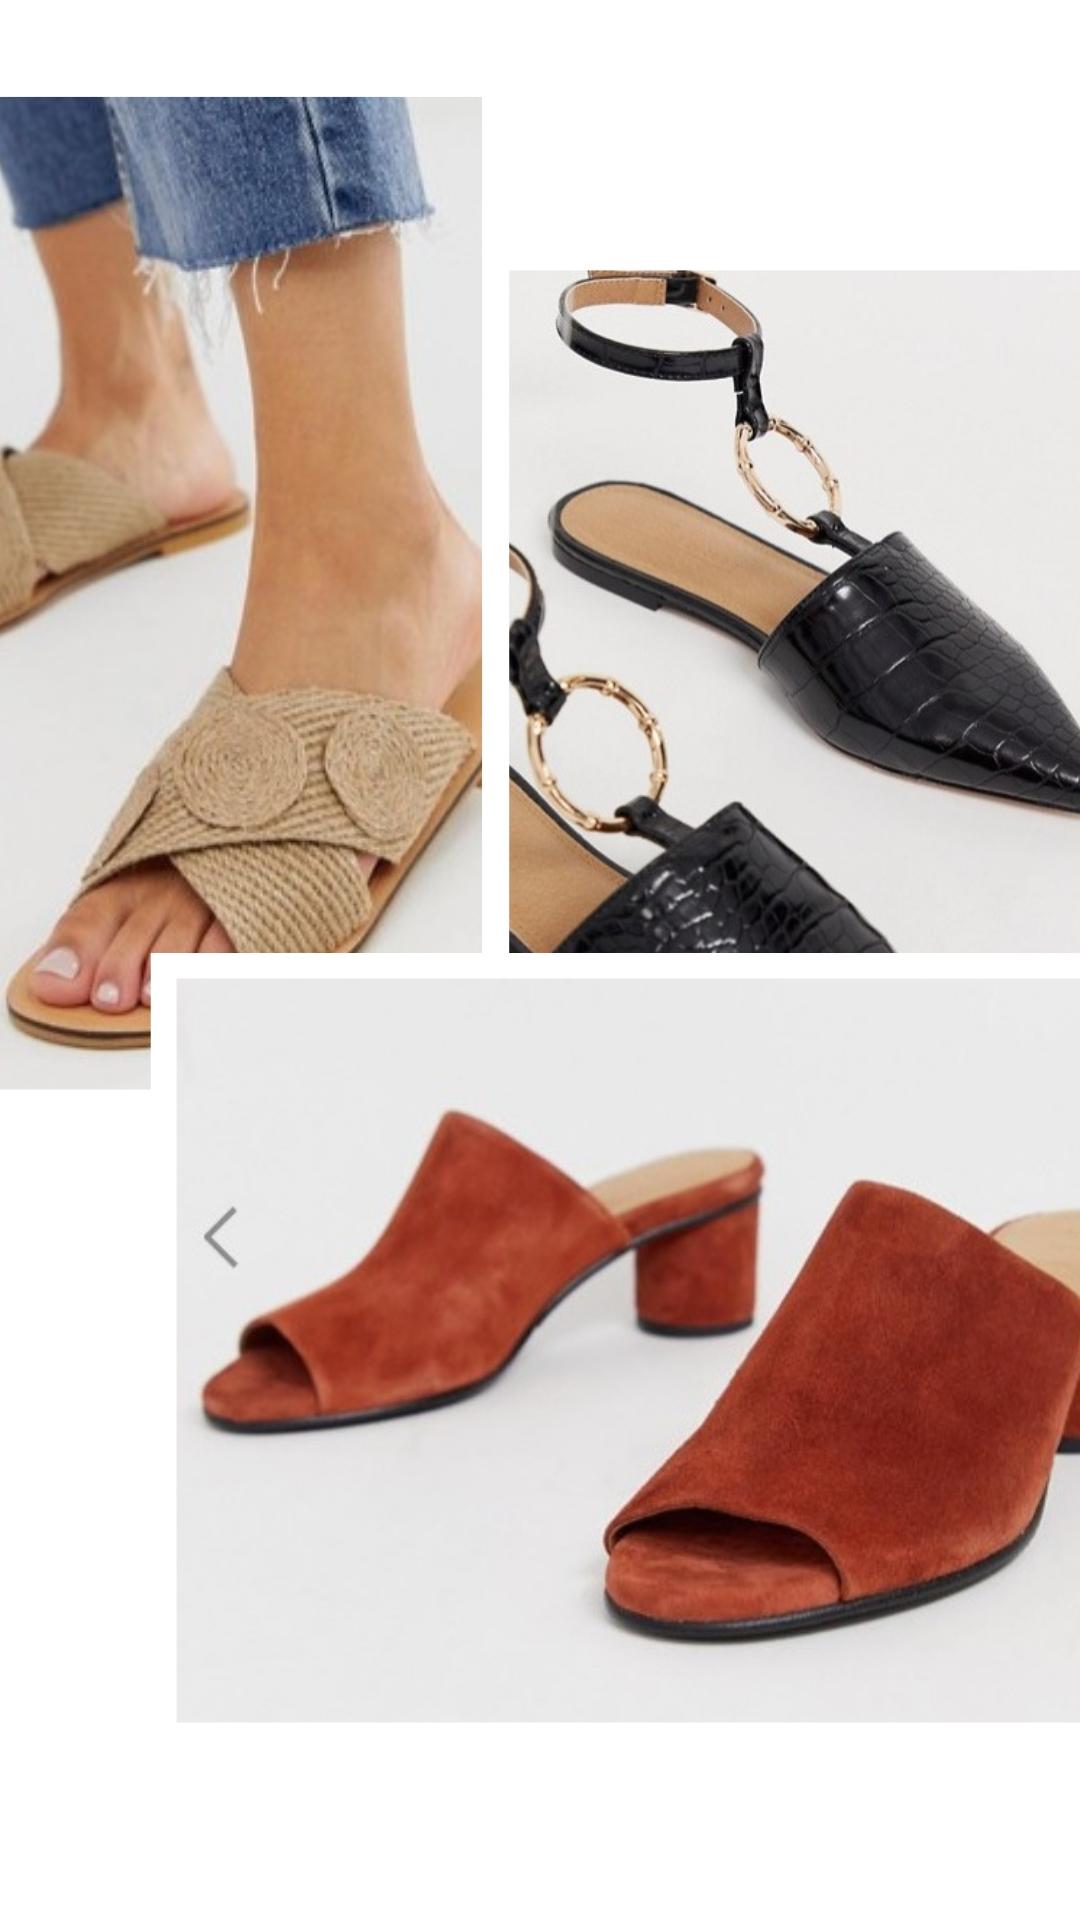 Chaussures Tendances Été Favoris– Mno8vn0w 2019mes Petite Style Agathe uTFJl1Kc3